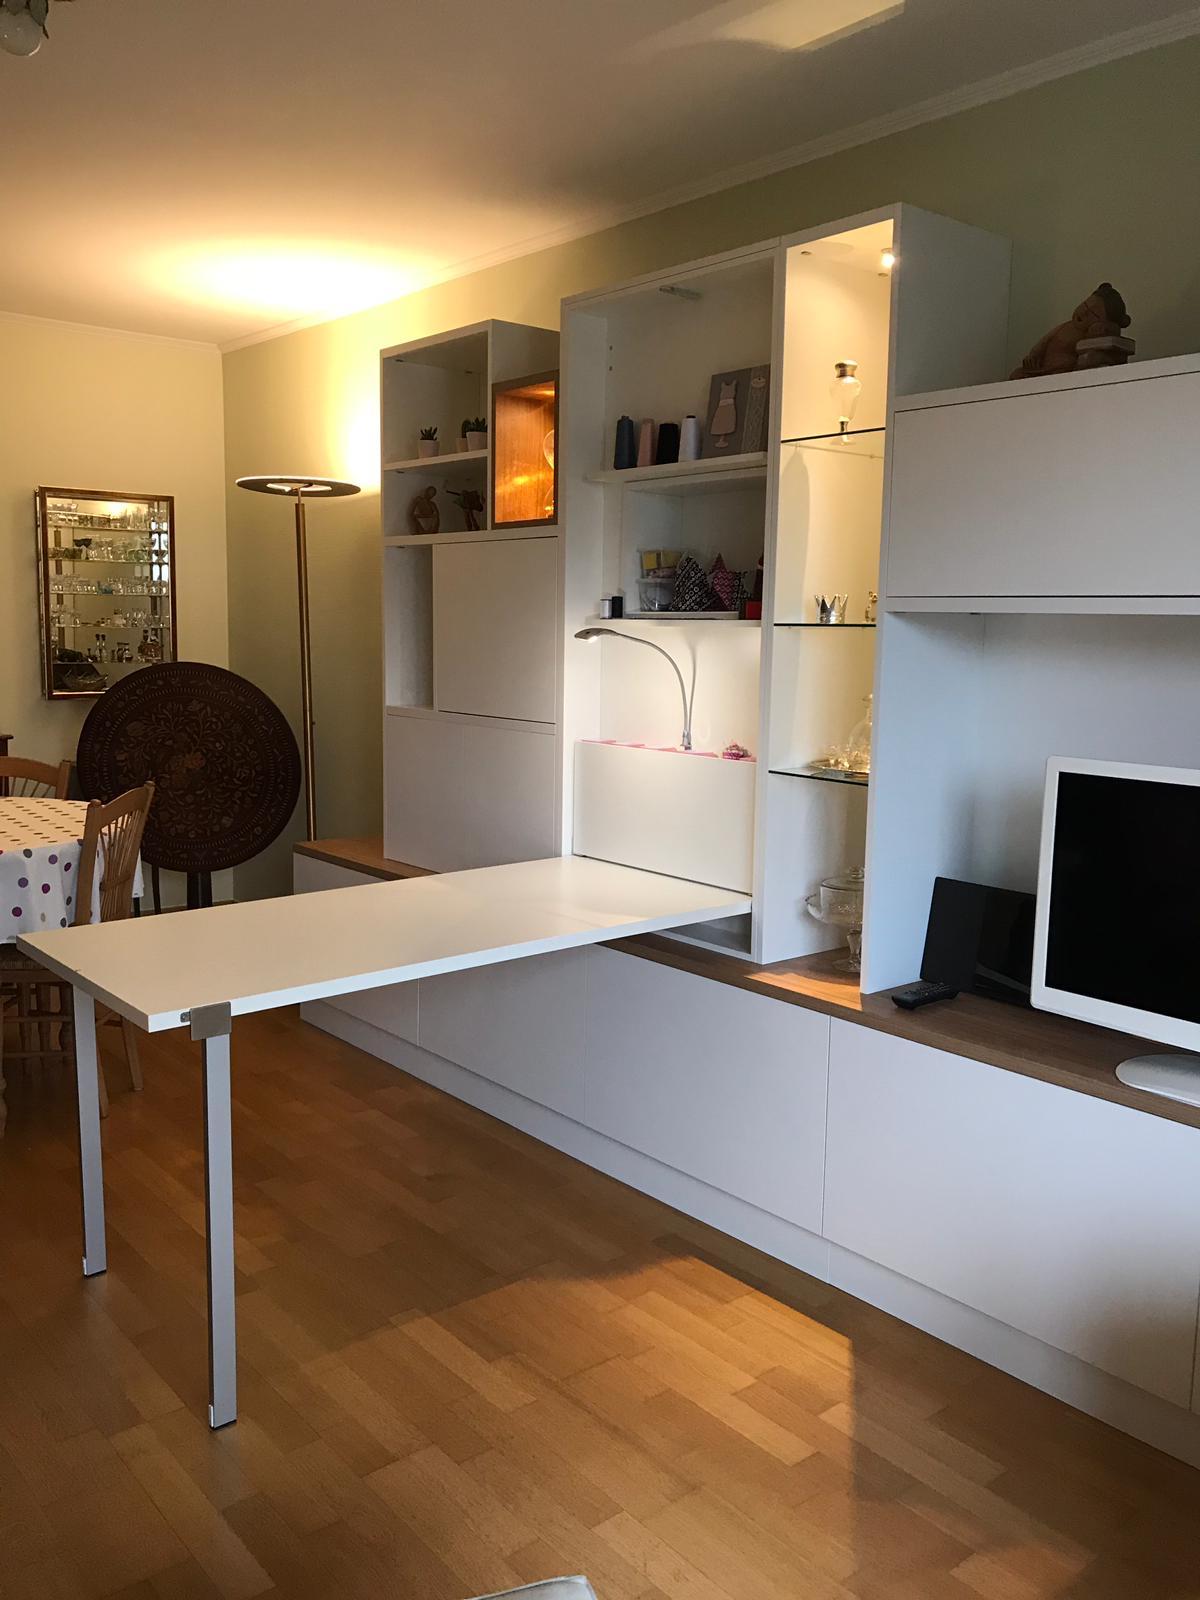 Meuble tv avec une table escamotable kiosque am nagement - Meuble cuisine avec table escamotable ...